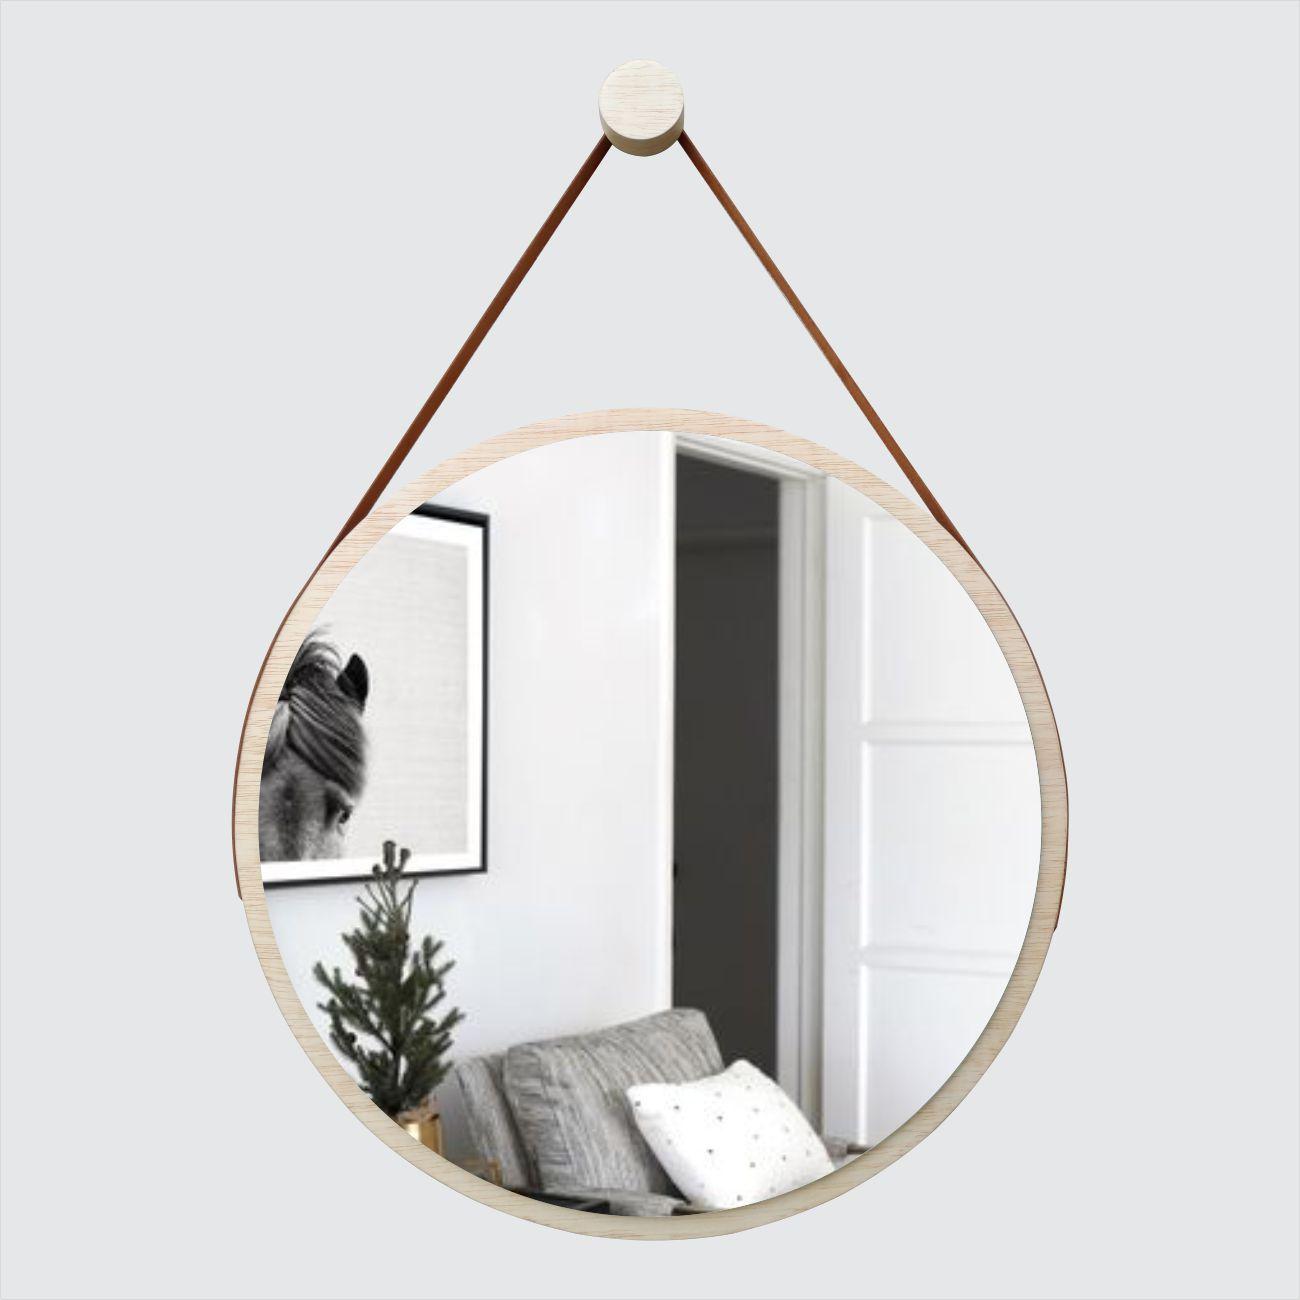 Espelho Redondo Adnet Minimalista com Alça Caramelo + Pendurador 50cm